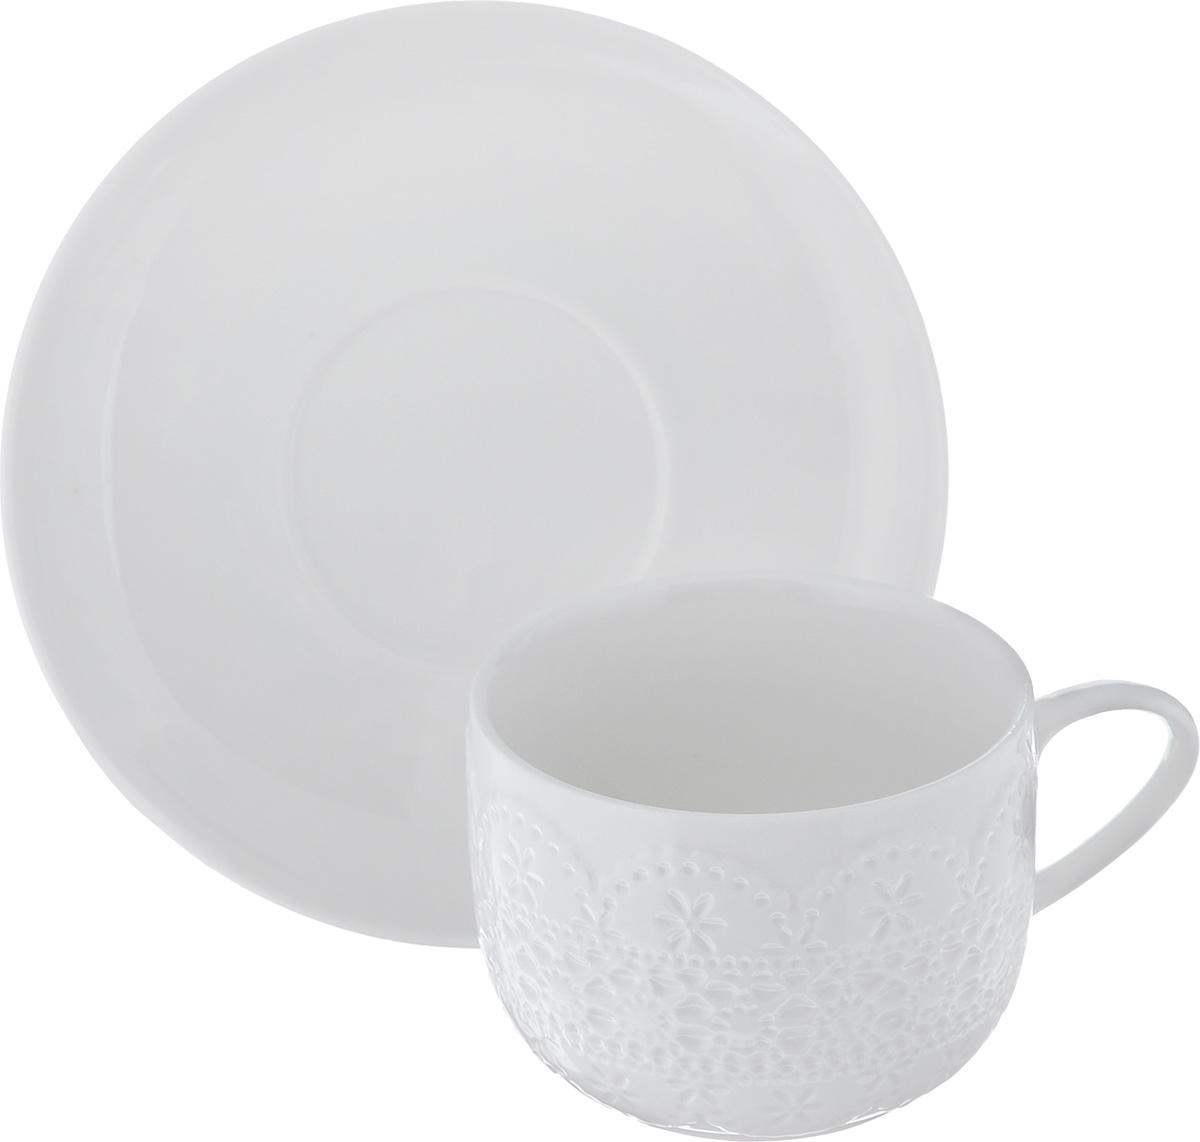 Чайная пара Walmer Charlotte, цвет: белый, 2 предметаW07370025Чайная пара Walmer Charlotte состоит из чашки и блюдца, изготовленных из высококачественного фарфора и декорированных оригинальным рельефом. Чайная пара украсит ваш кухонный стол, а также станет замечательным подарком к любому празднику. Не применять абразивные чистящие средства. Объем чашки: 250 мл. Диаметр чашки по верхнему краю: 8,5 см. Диаметр основания: 5,5 см. Высота чашки: 6,5 см. Диаметр блюдца: 15,5 см.